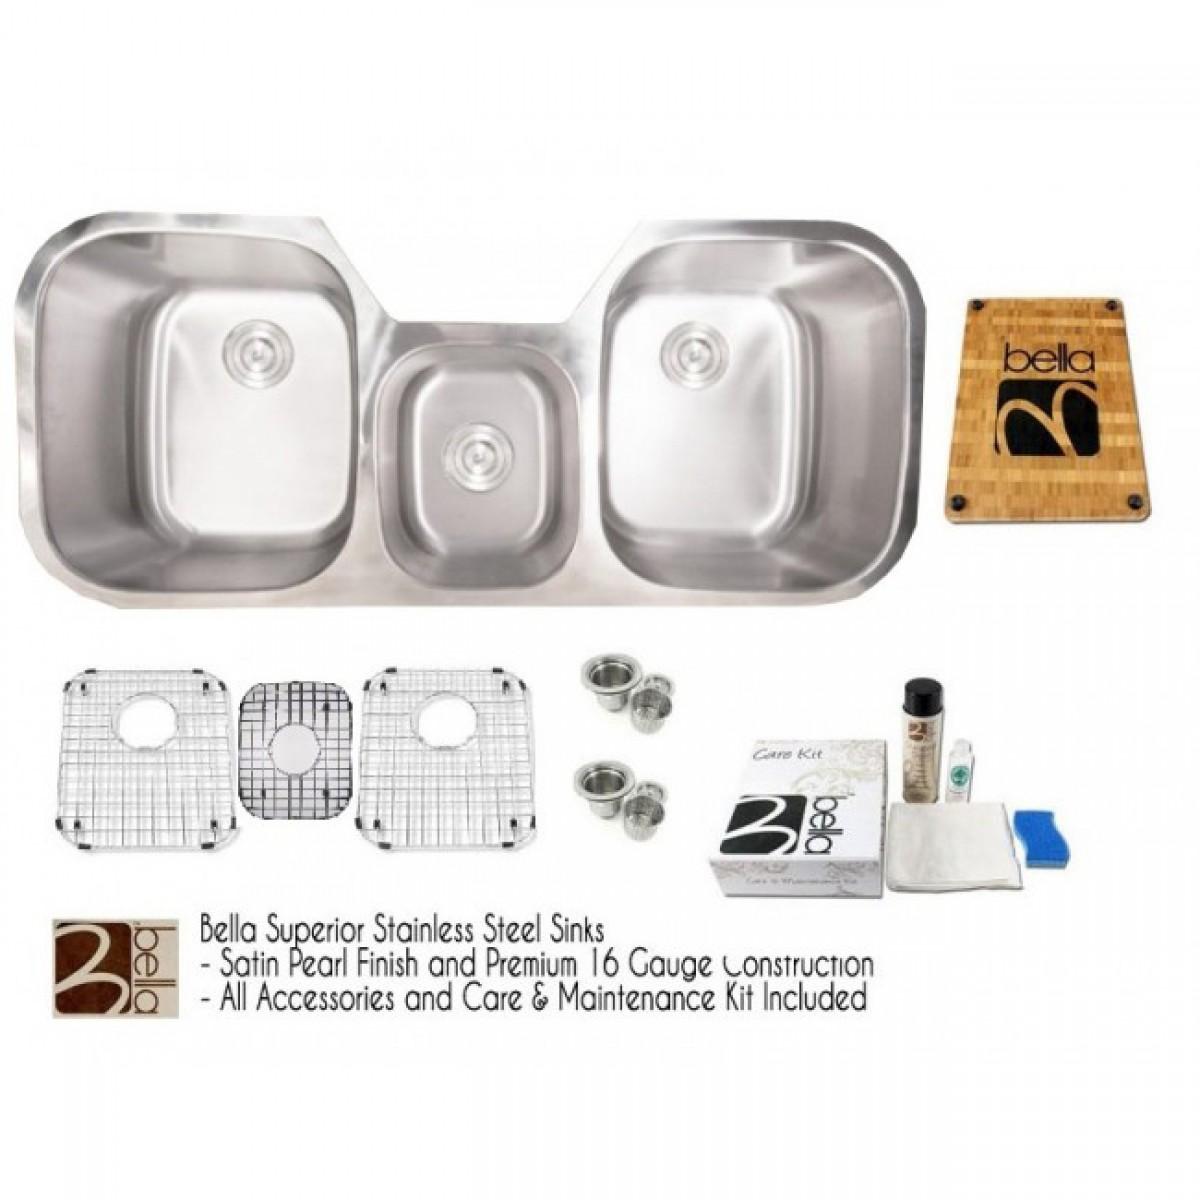 Genial Bella 46 Inch Premium 16 Gauge Stainless Steel Undermount Triple Bowl  Kitchen Sink With FREE ACCESSORIES